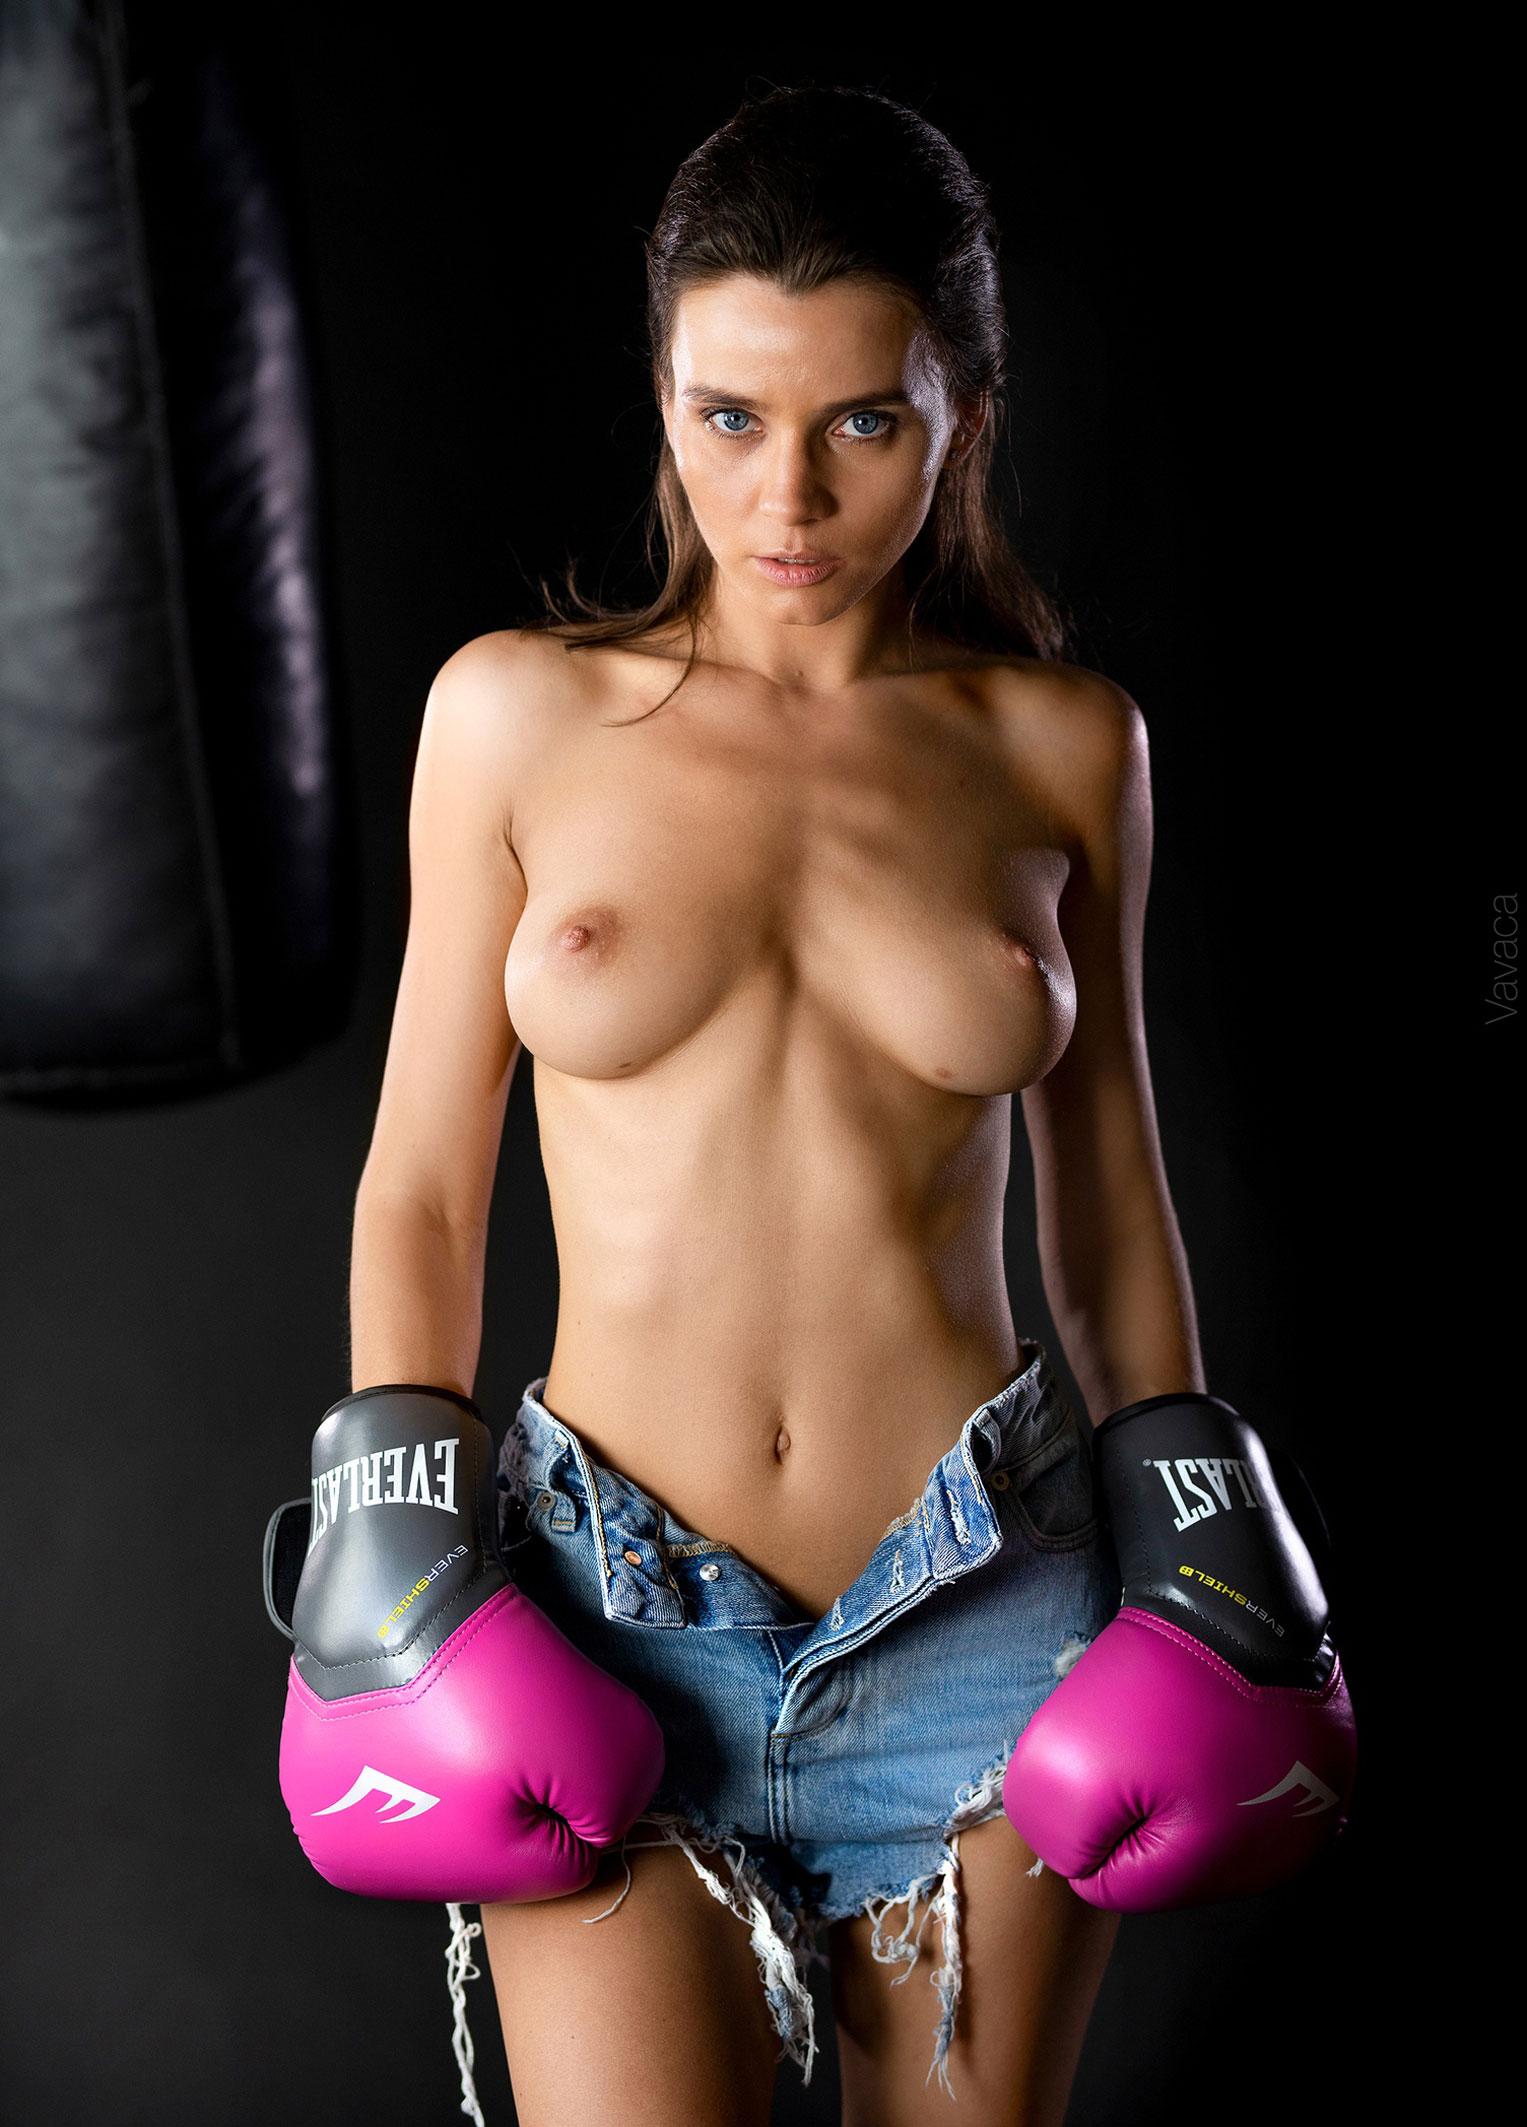 голая Кристина Макарова занимается боксом / фото 02